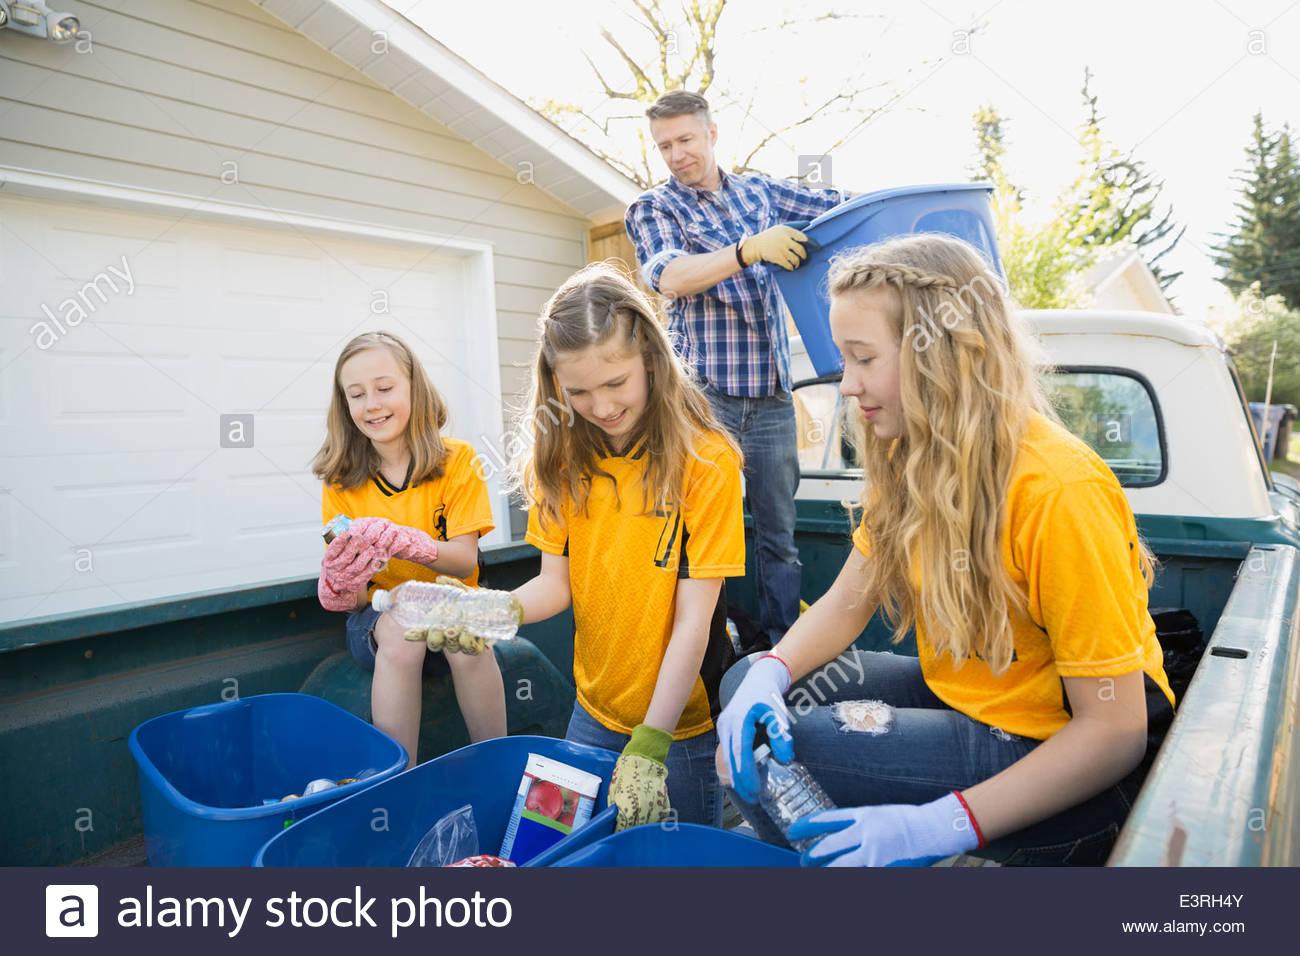 Les filles en uniforme le tri recyclage en camion Photo Stock